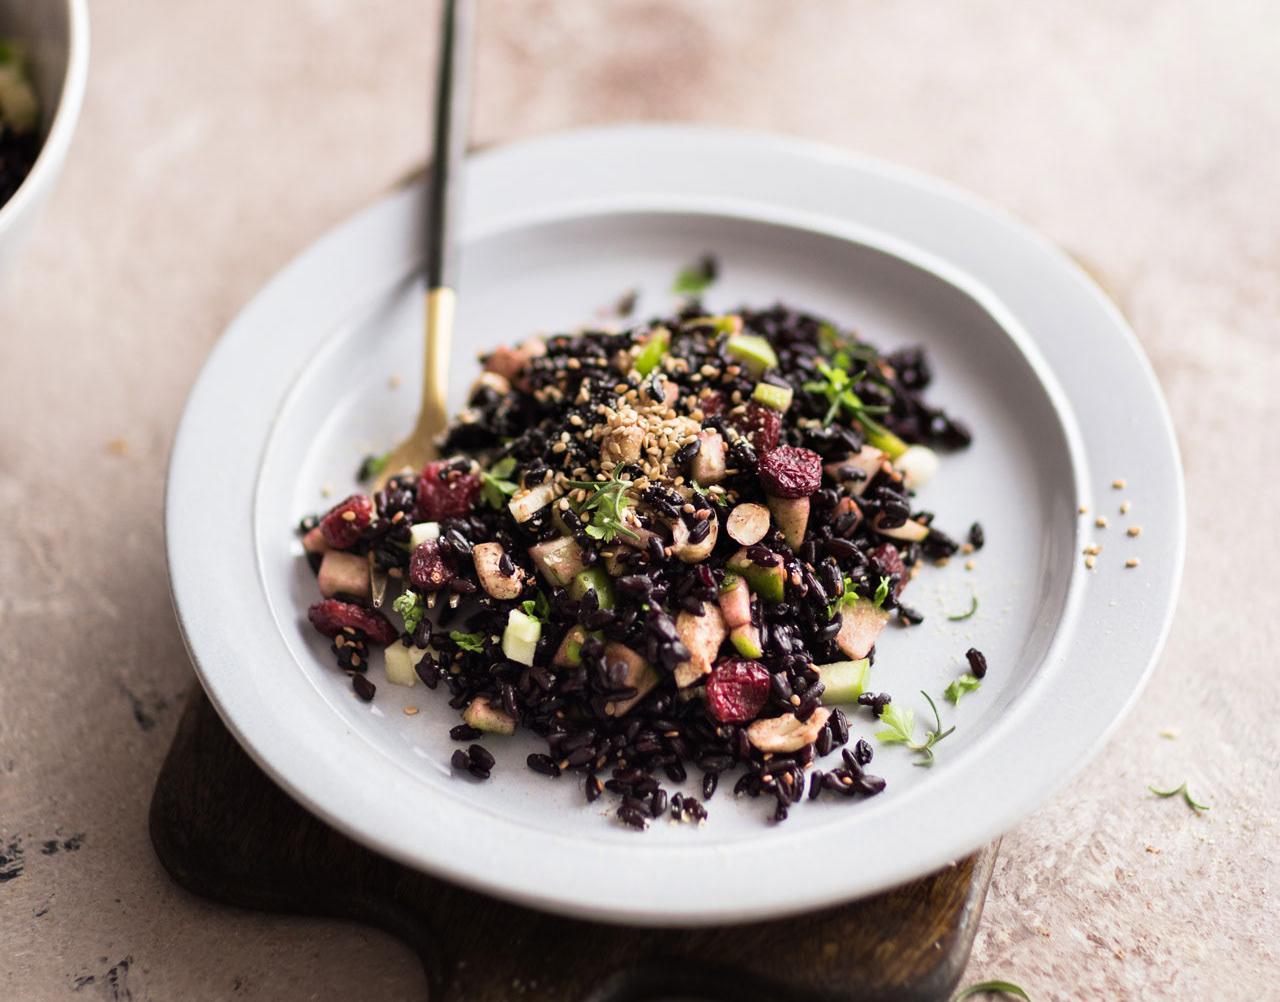 schwarzer Reissalat mit Äpfeln, Cranberries und Nüssen